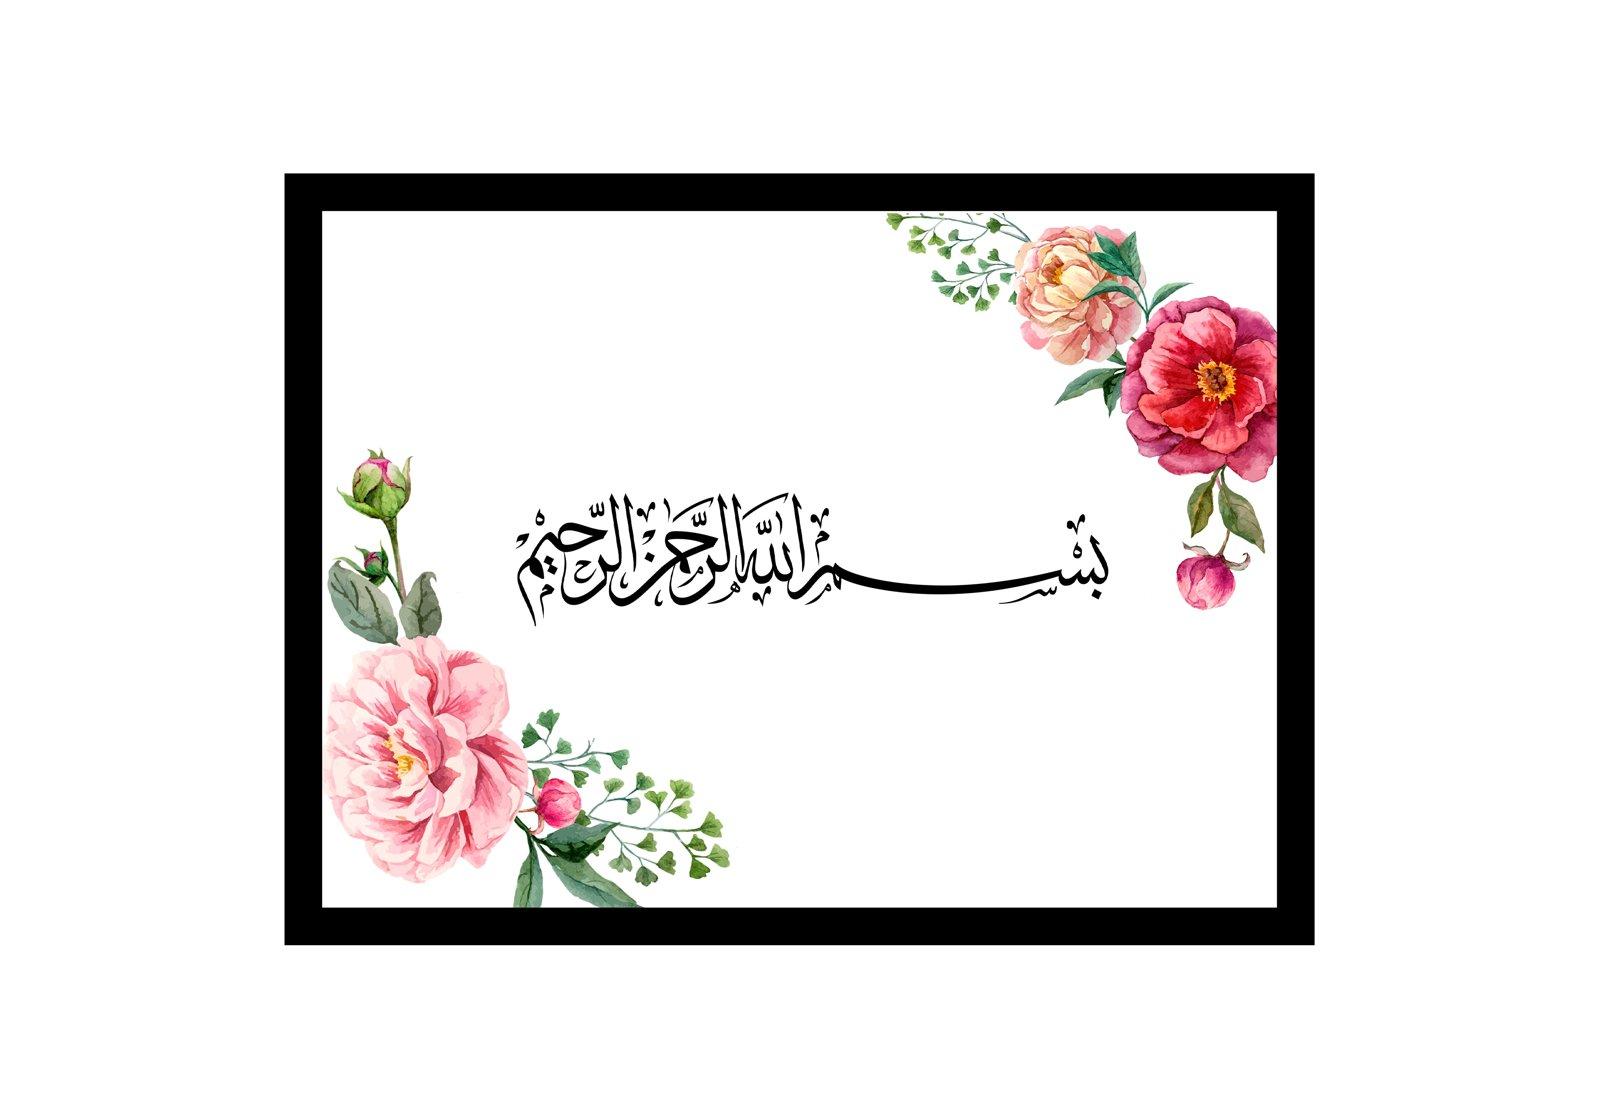 Bismillahblumig3